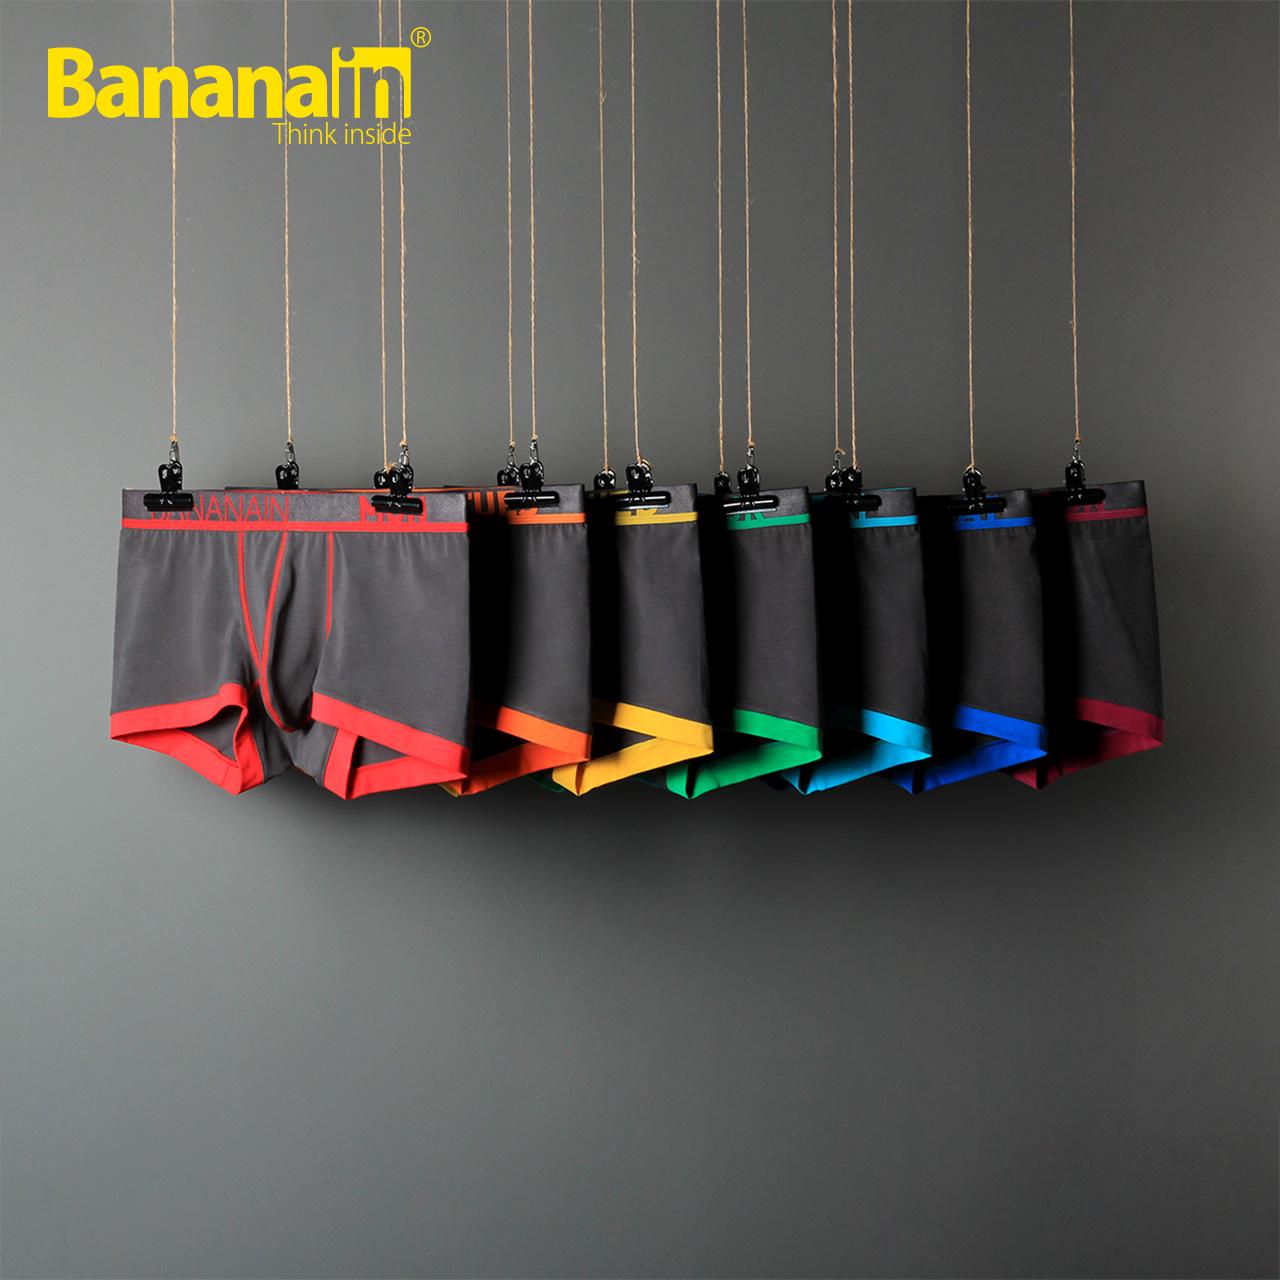 7件装Bananain蕉内507W纯棉星期裤平角内裤礼盒情人节送男友礼物